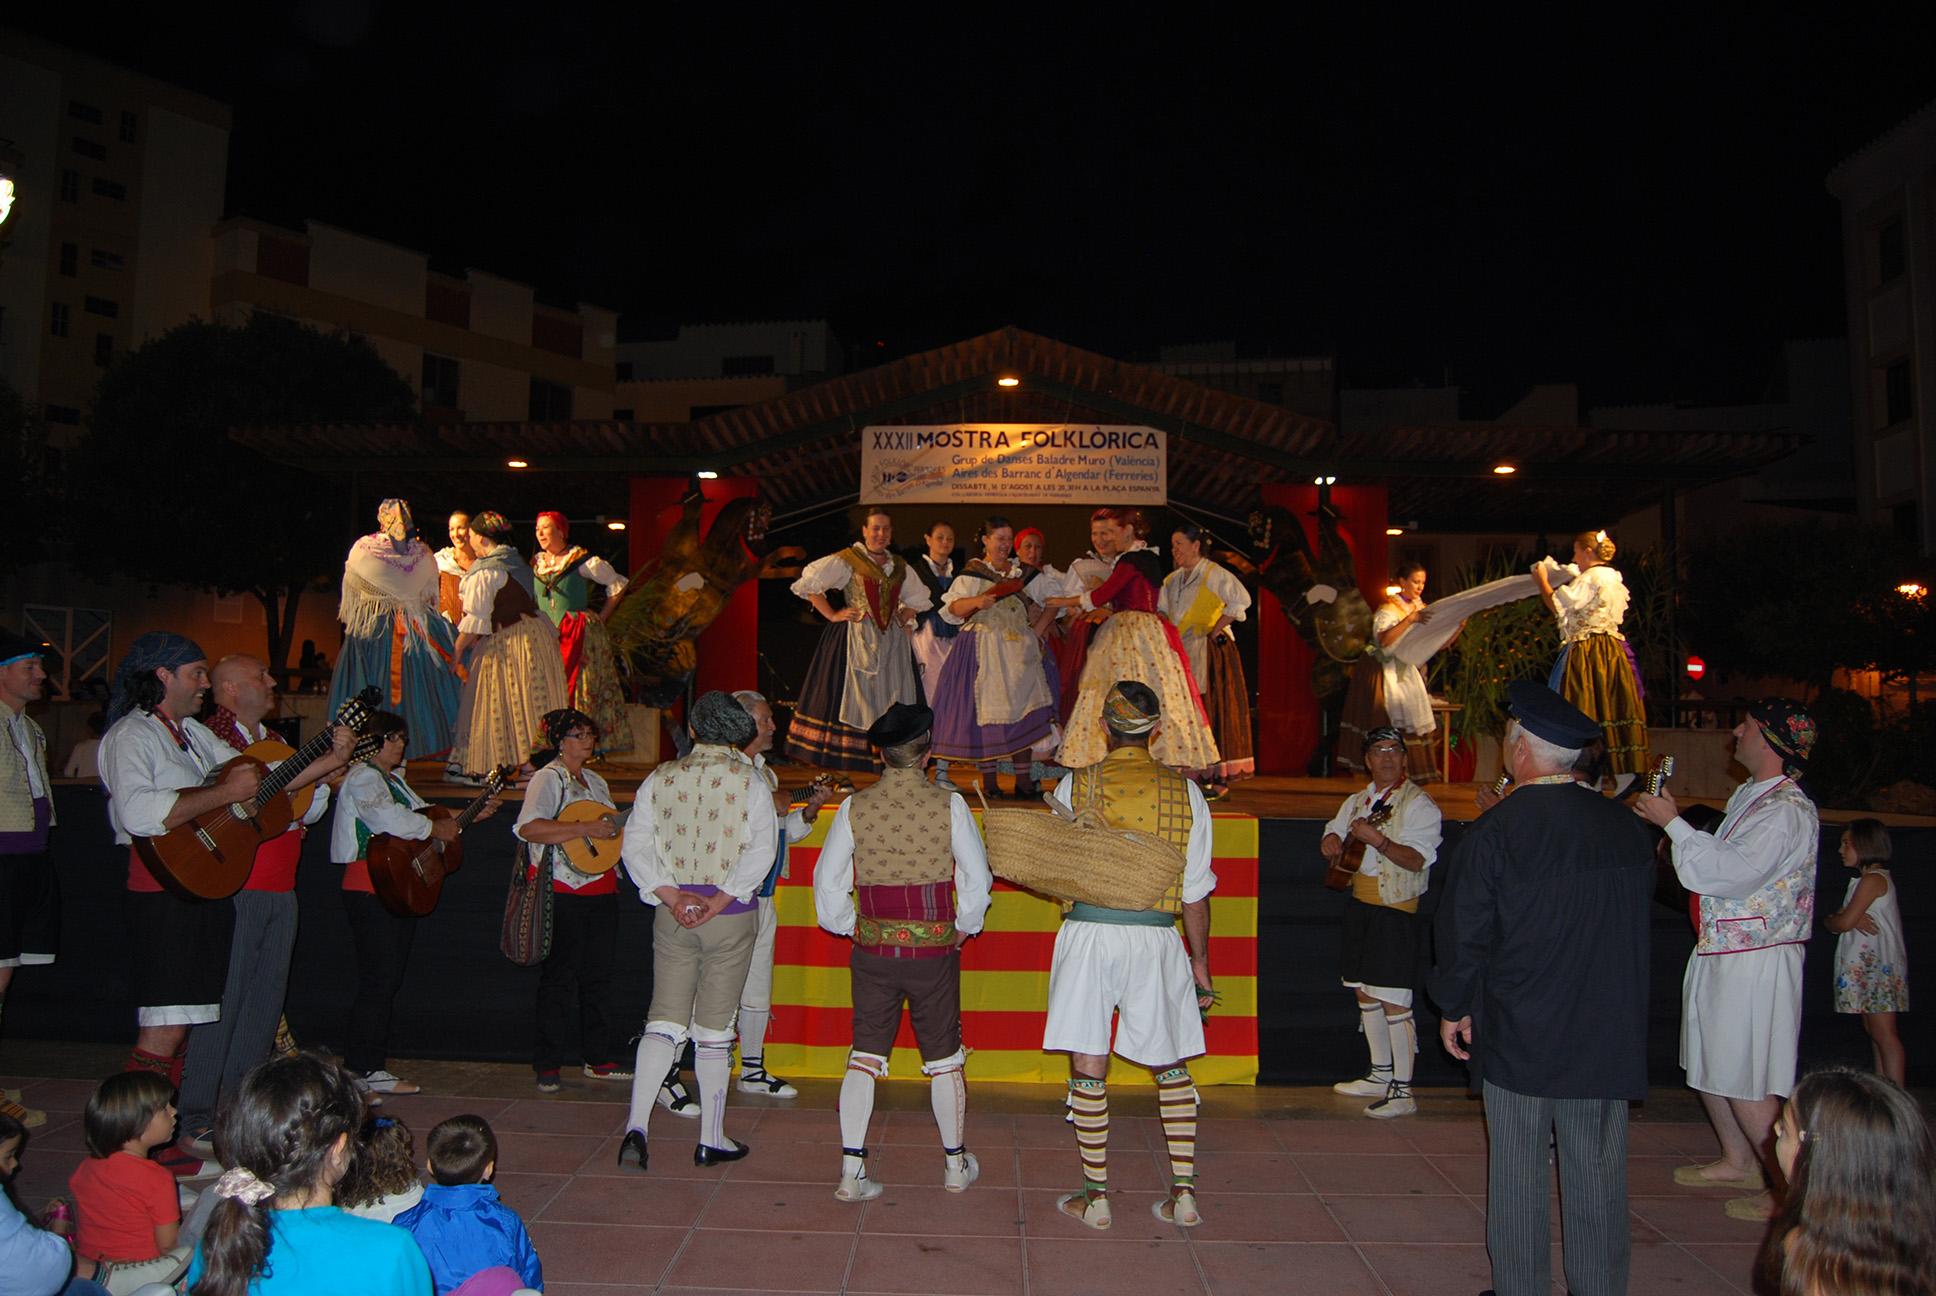 """El Grup de Danses Baladre va representar a Ferreries el seu espectacle """"Ronda de Fadrins"""": Es un espectacle al voltant de les tradicionals rondes de fadrins davall de les balconades on es rondava a les xiques fadrines."""